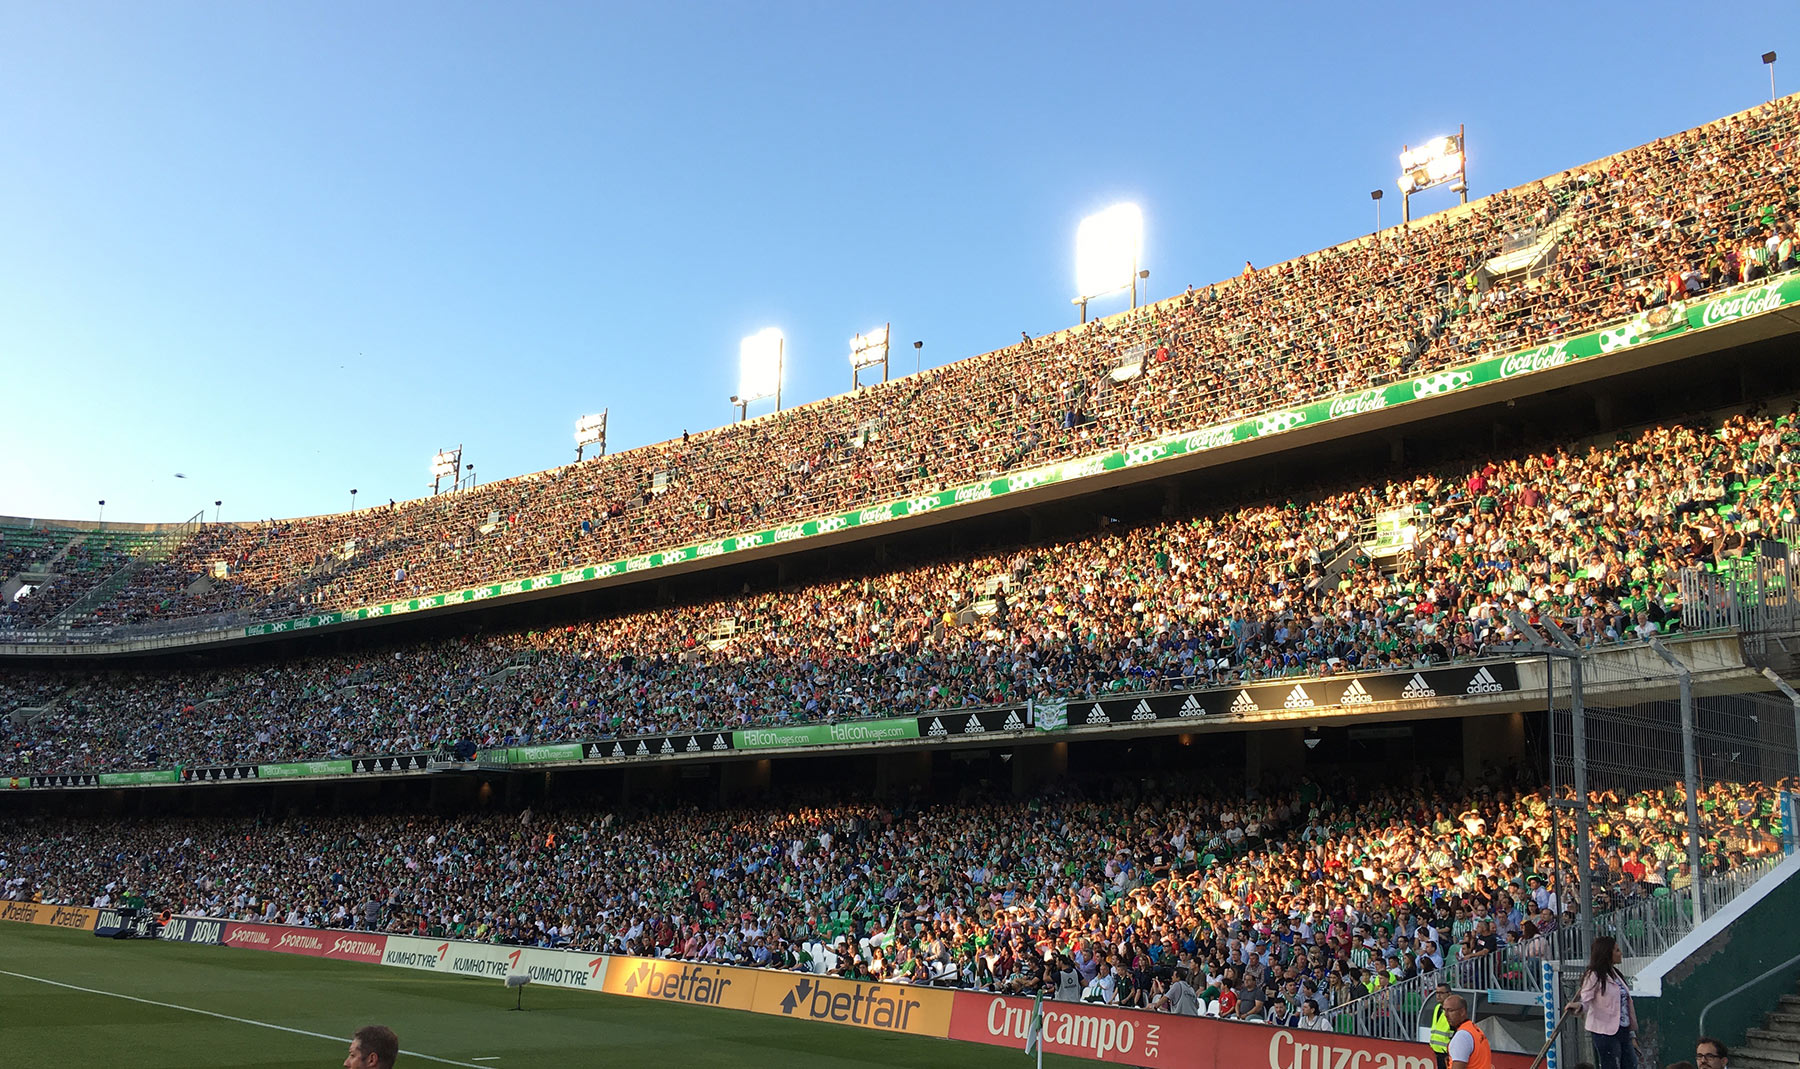 Estadio Benito Villamarín (Real Betis)